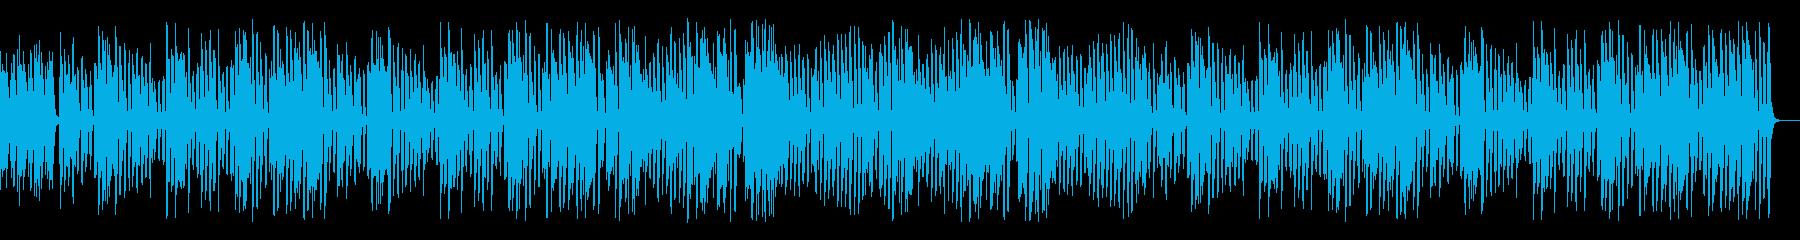 レトロジャズの超名曲エンターテイナーの再生済みの波形